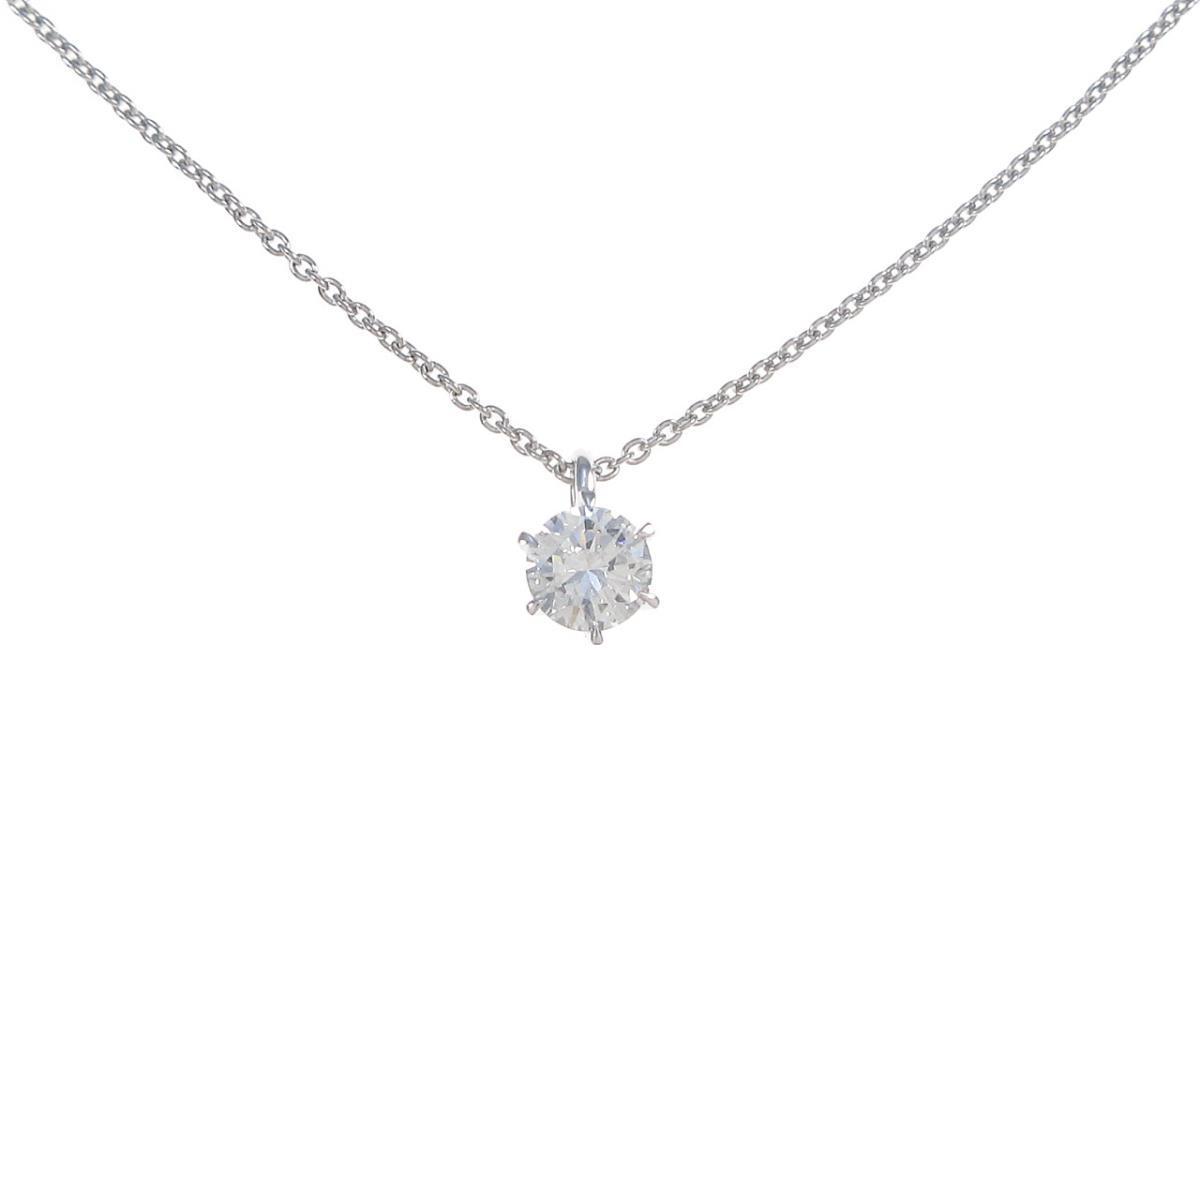 【リメイク】プラチナダイヤモンドネックレス 0.308ct・D・SI1・VG【中古】